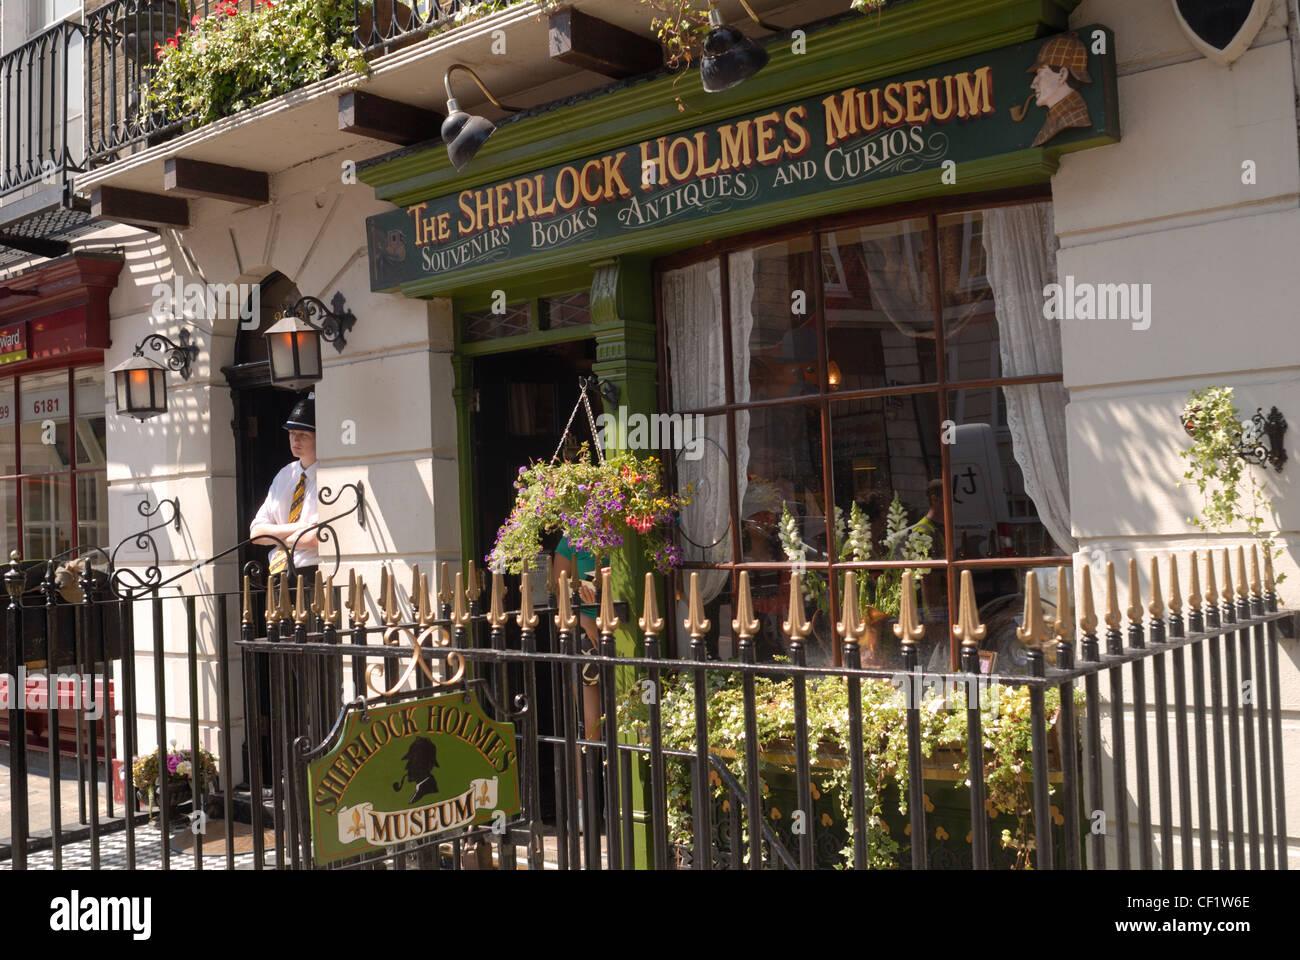 The Sherlock Holmes museum in Baker Street  221b Baker